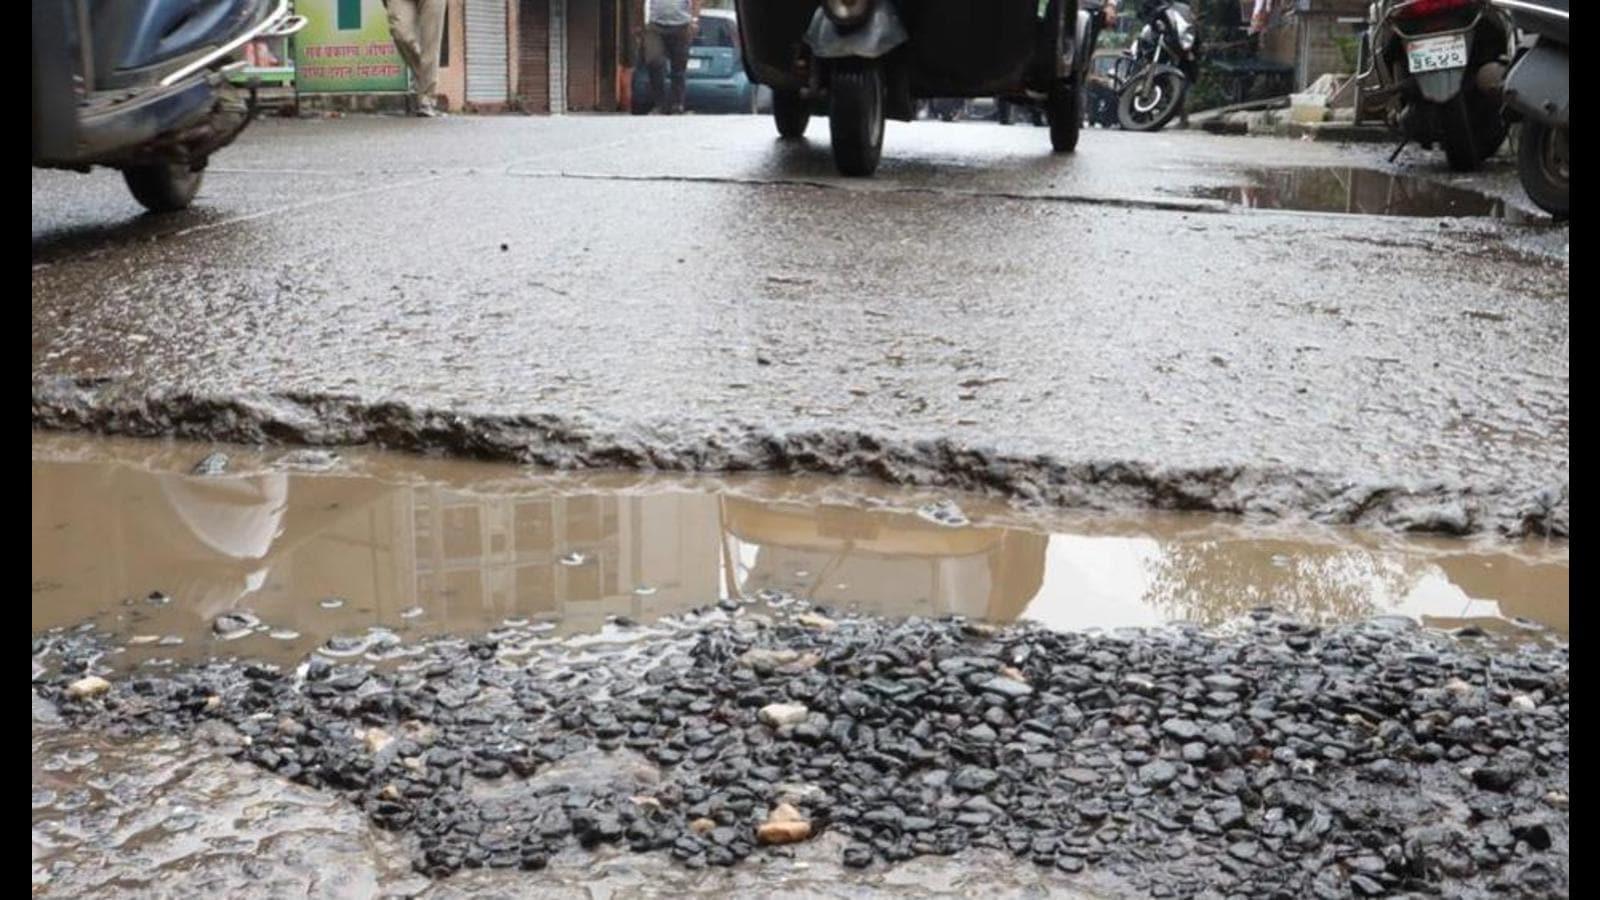 To fill potholes, LMC to spend ₹22 crore from corporators' quota